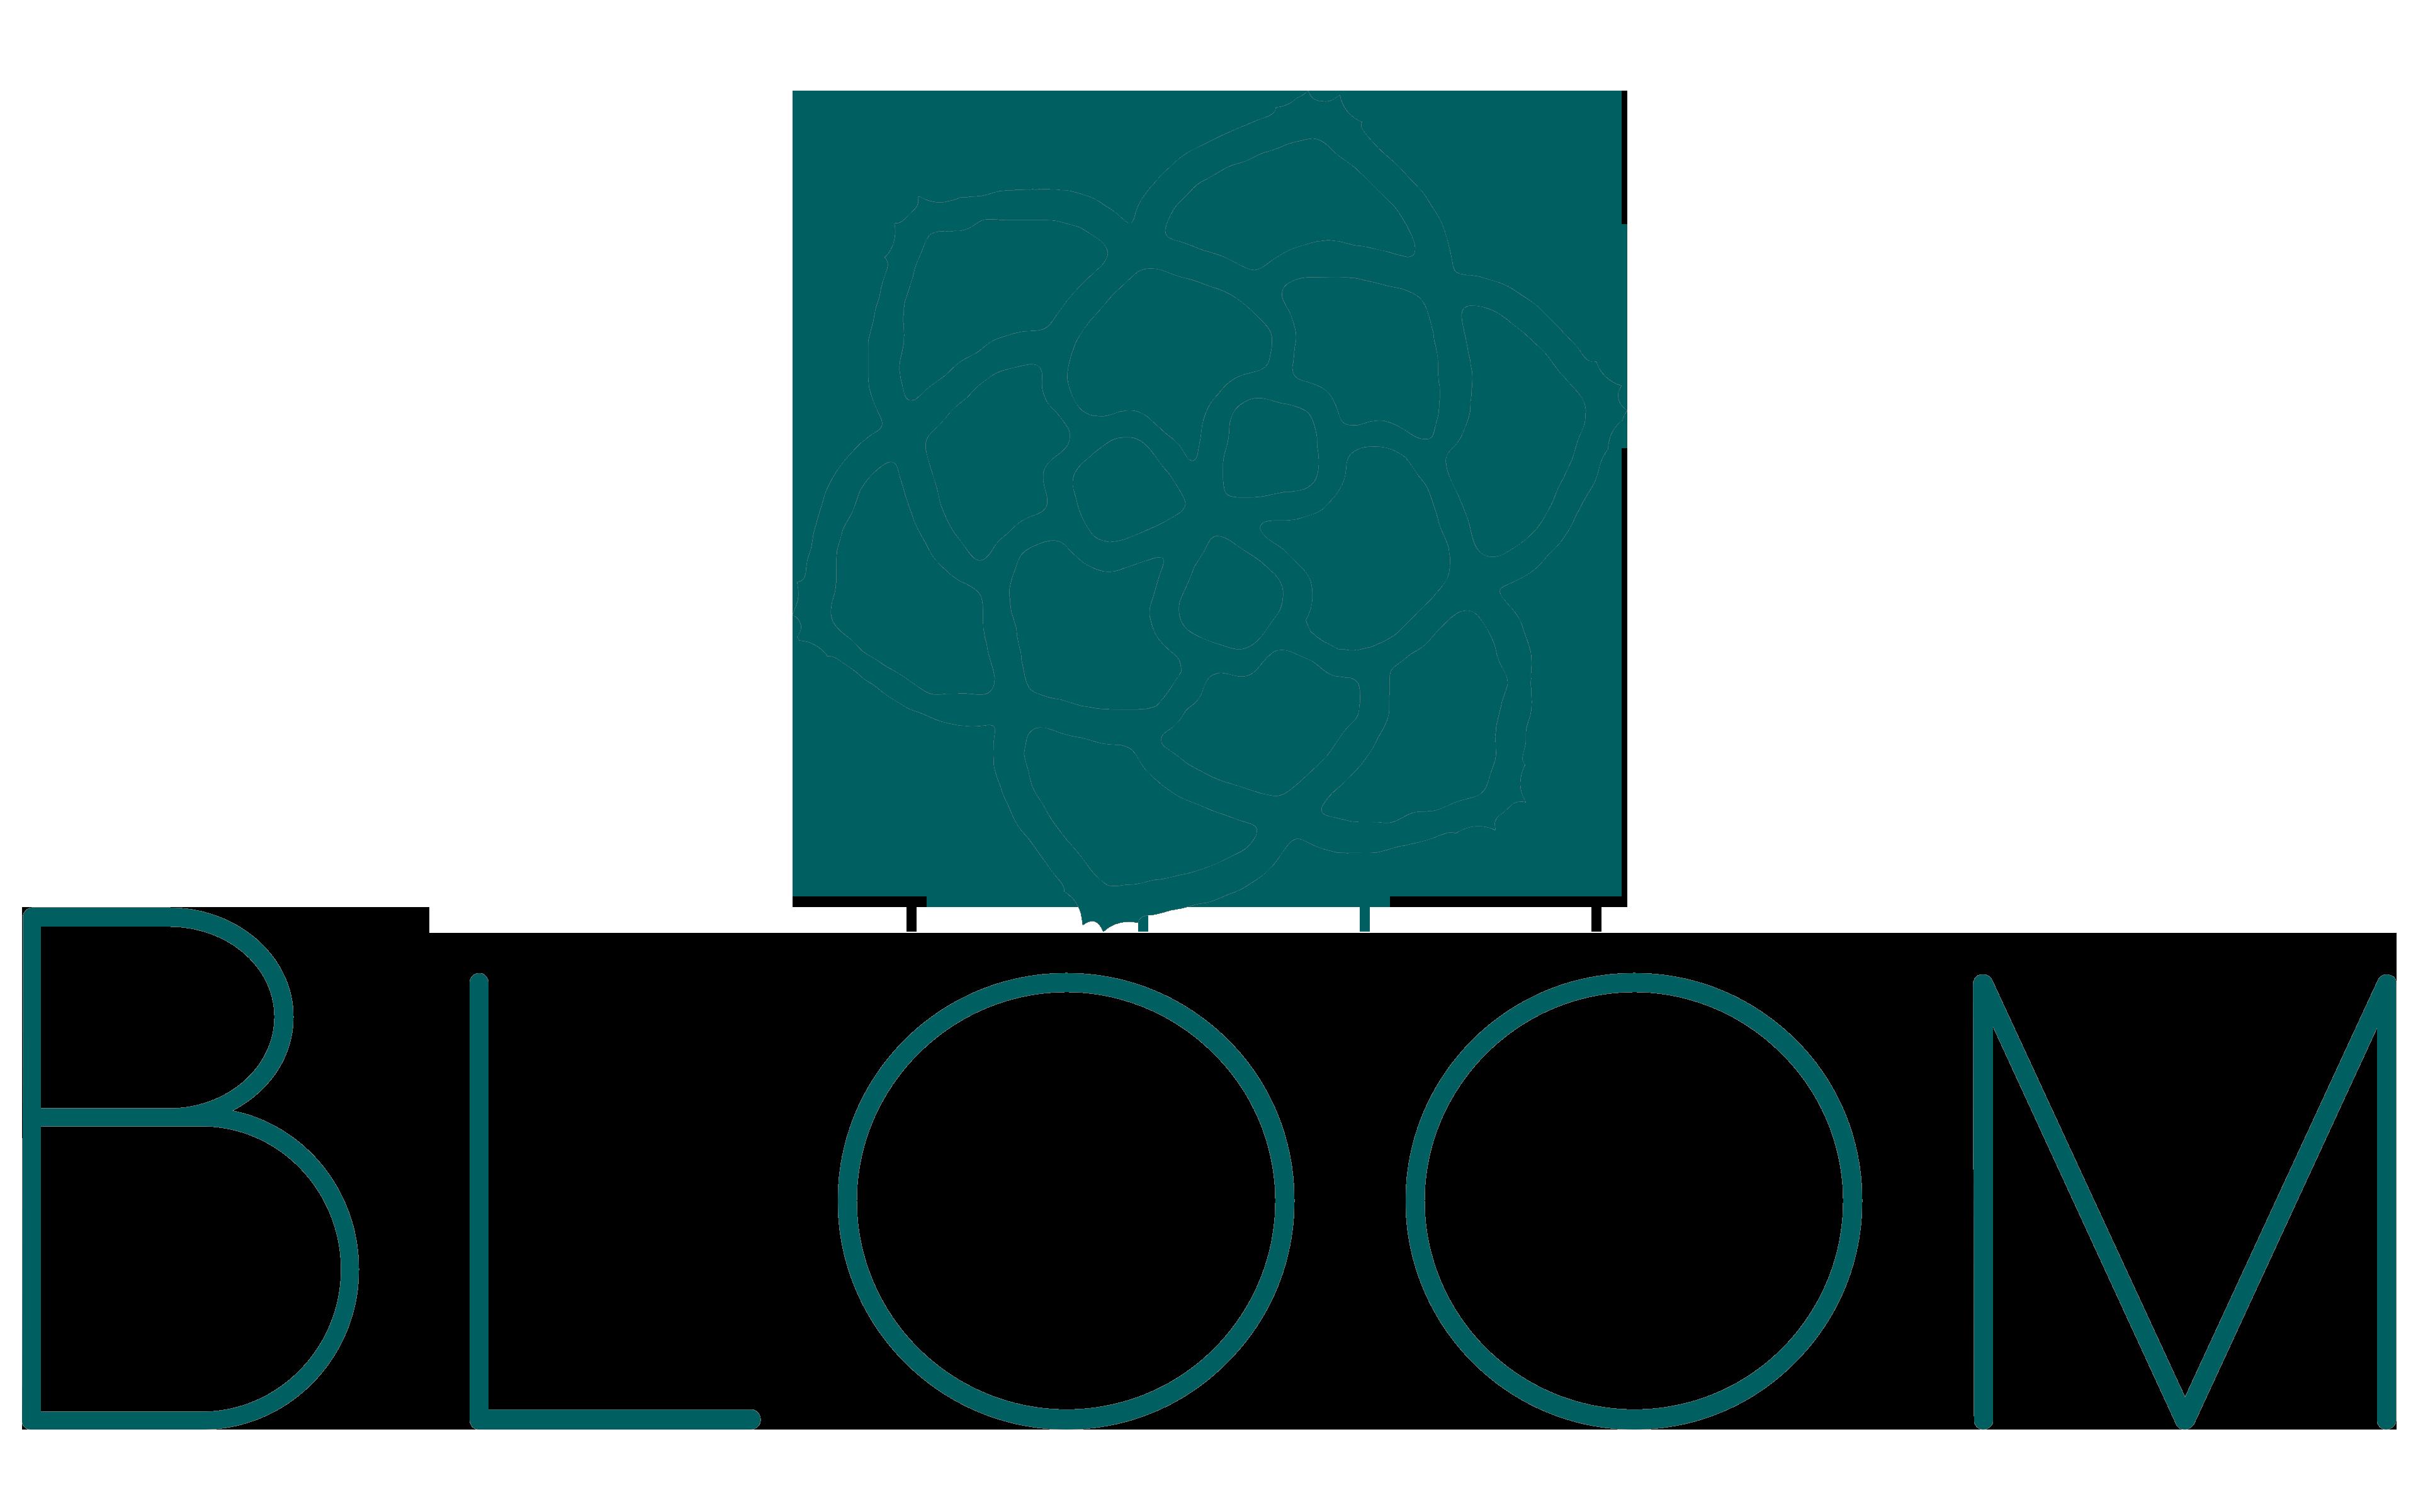 LOGO1 - TOPGREEN